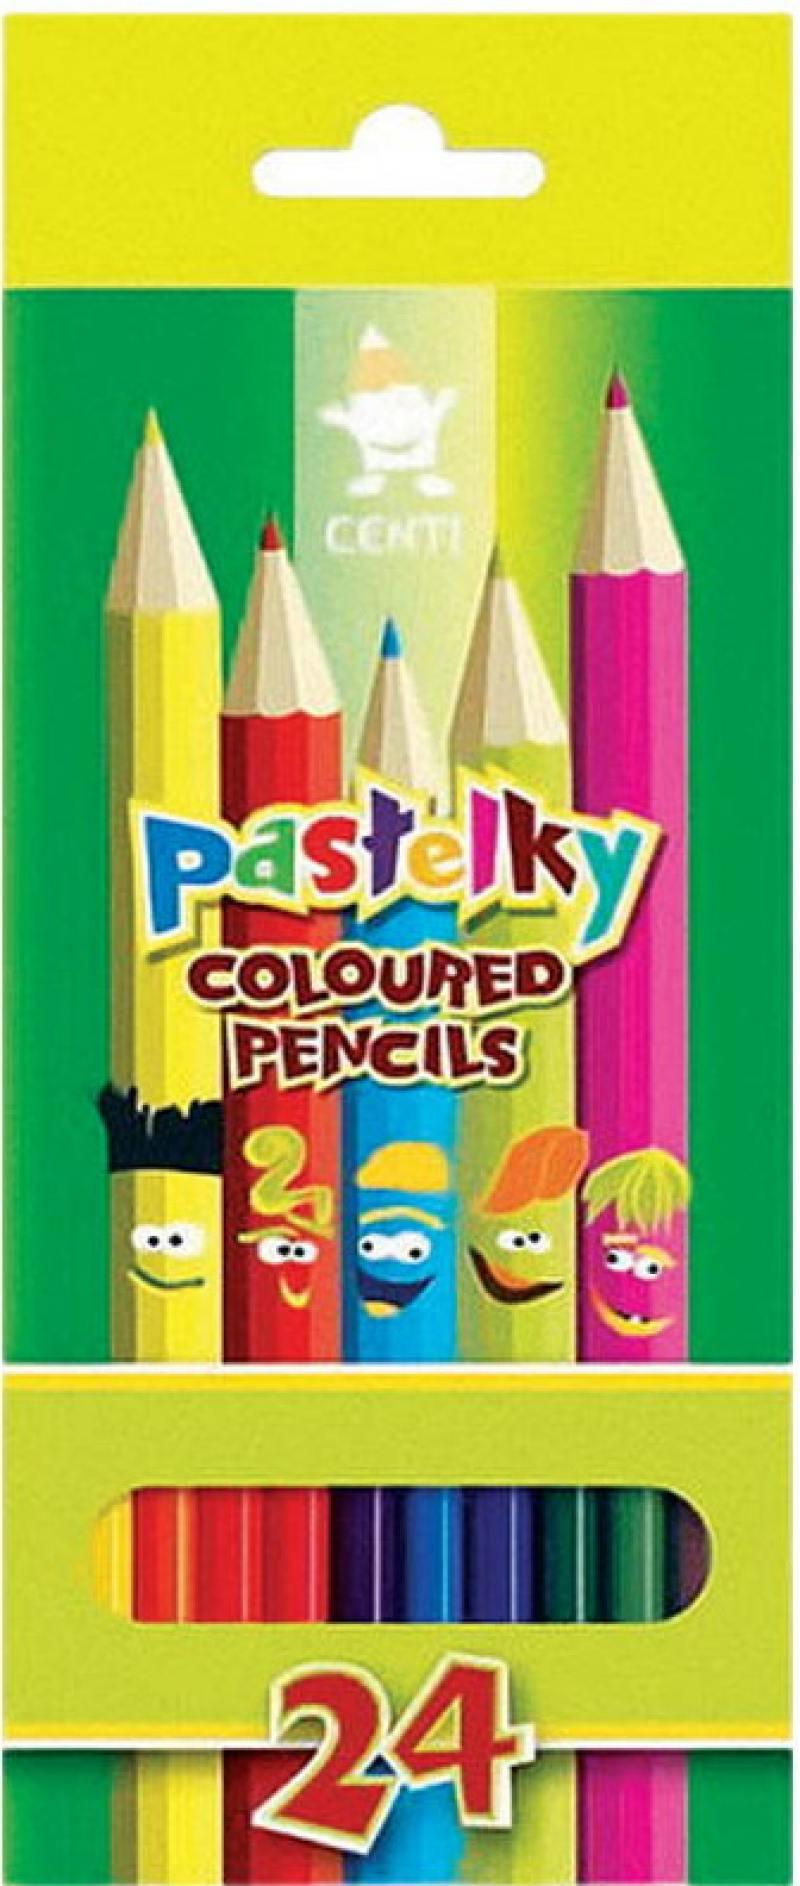 Набор цветных карандашей Koh-i-Noor 2144/24 24 шт 17.5 см 2144/24 набор цветных карандашей silwerhof 134206 24 народная коллекция 24 шт